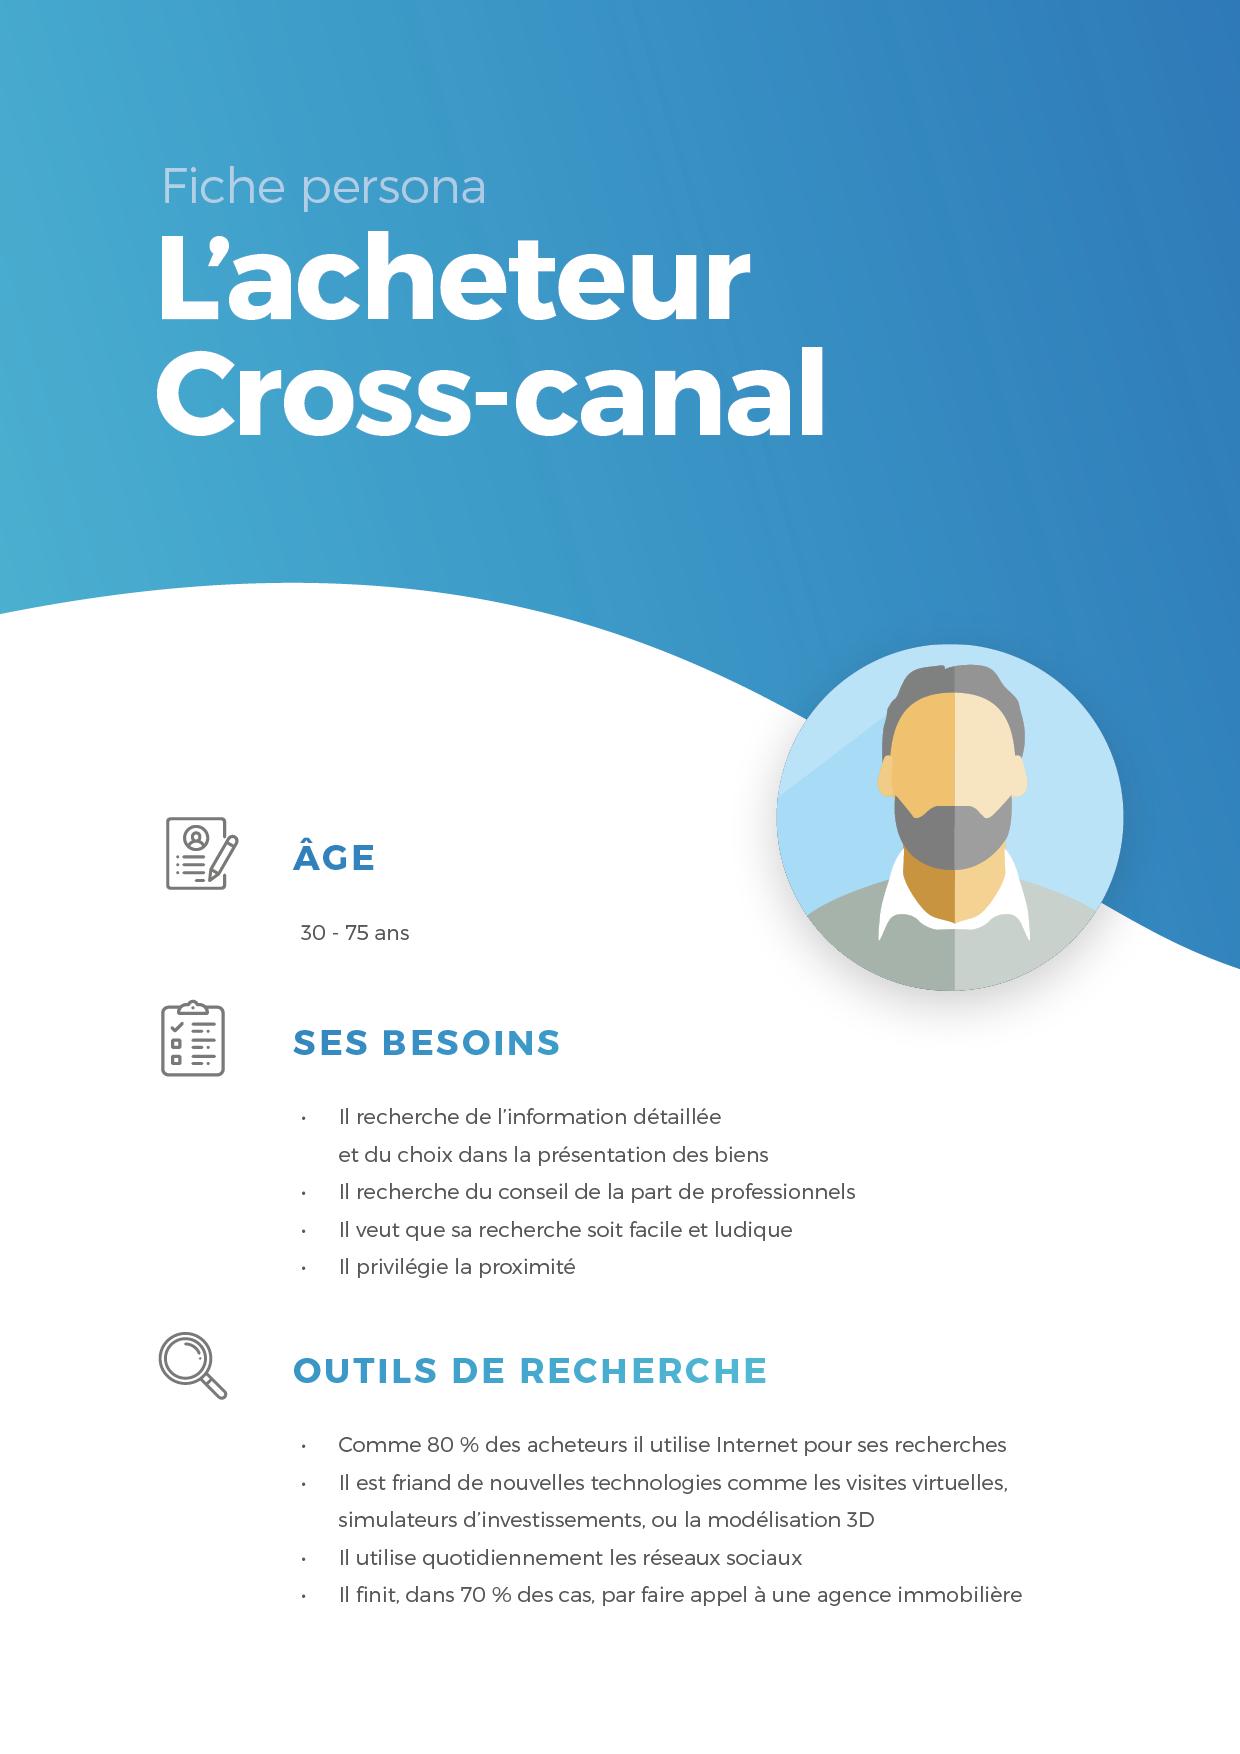 Fiche profil de l'acheteur Cross-canal